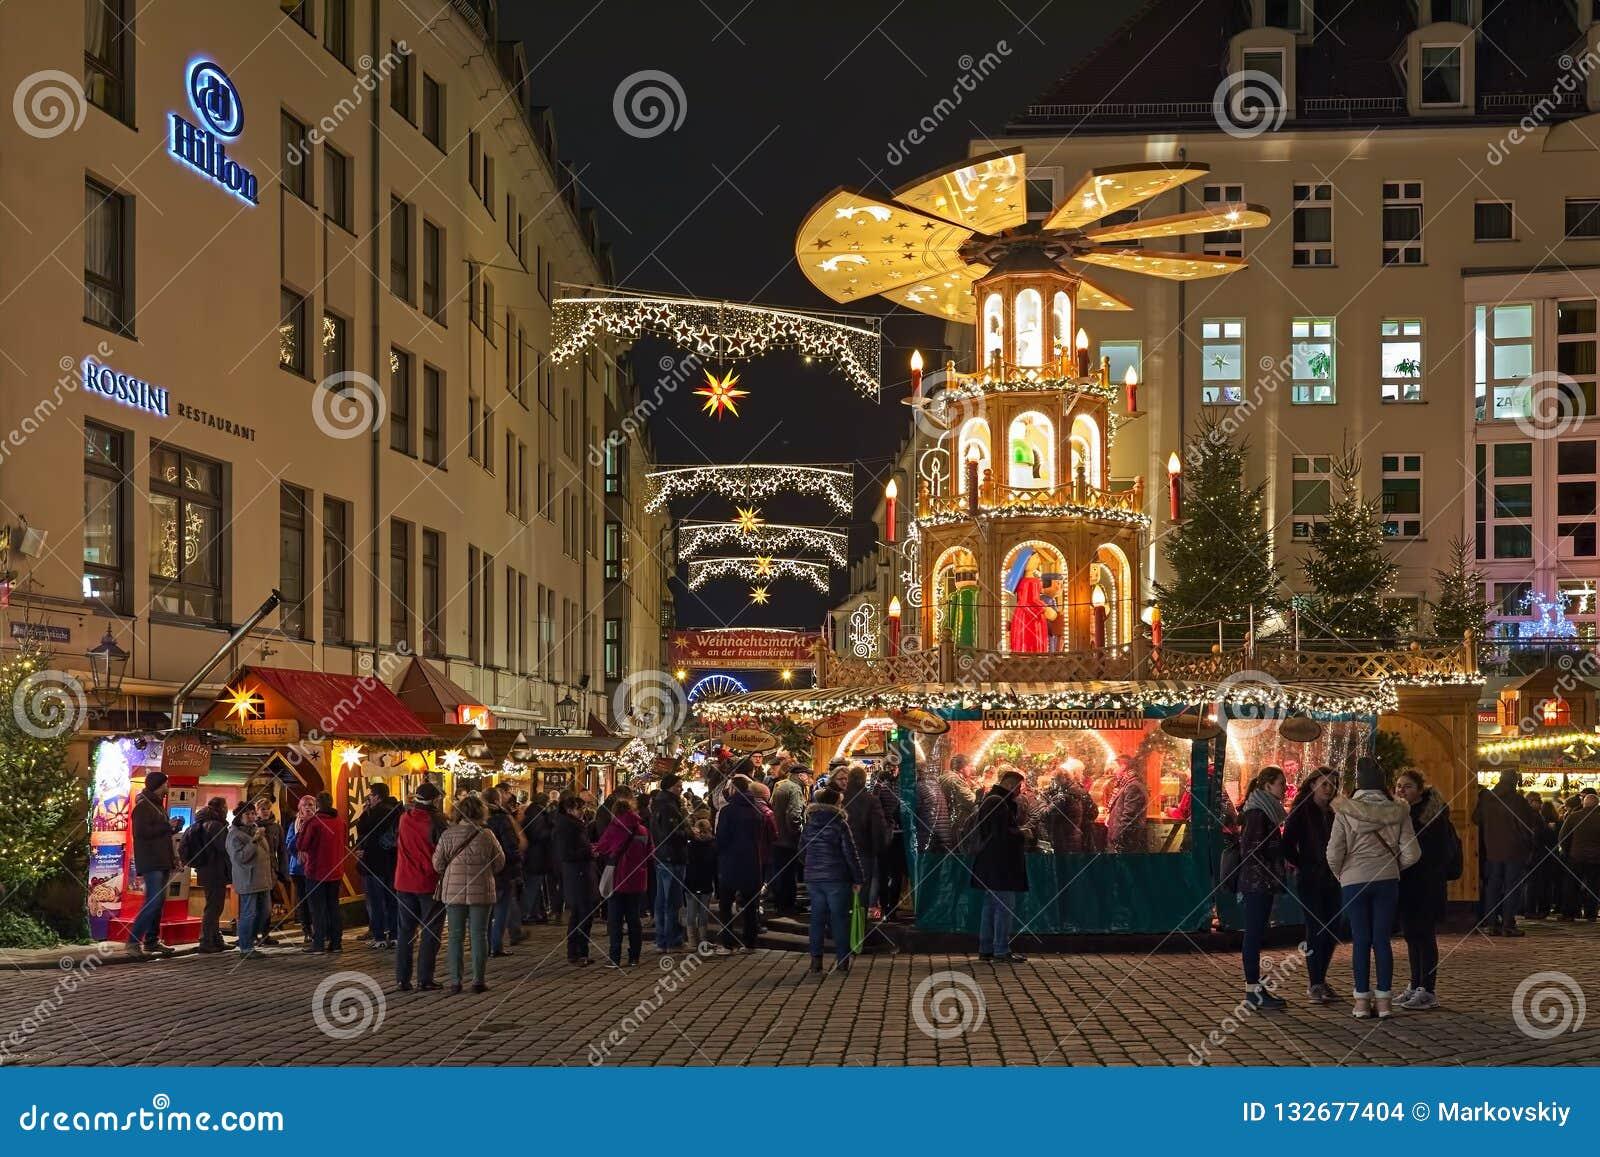 Weihnachtsmarkt In Dresden.Weihnachtspyramide Am Frauenkirche Weihnachtsmarkt In Dresden